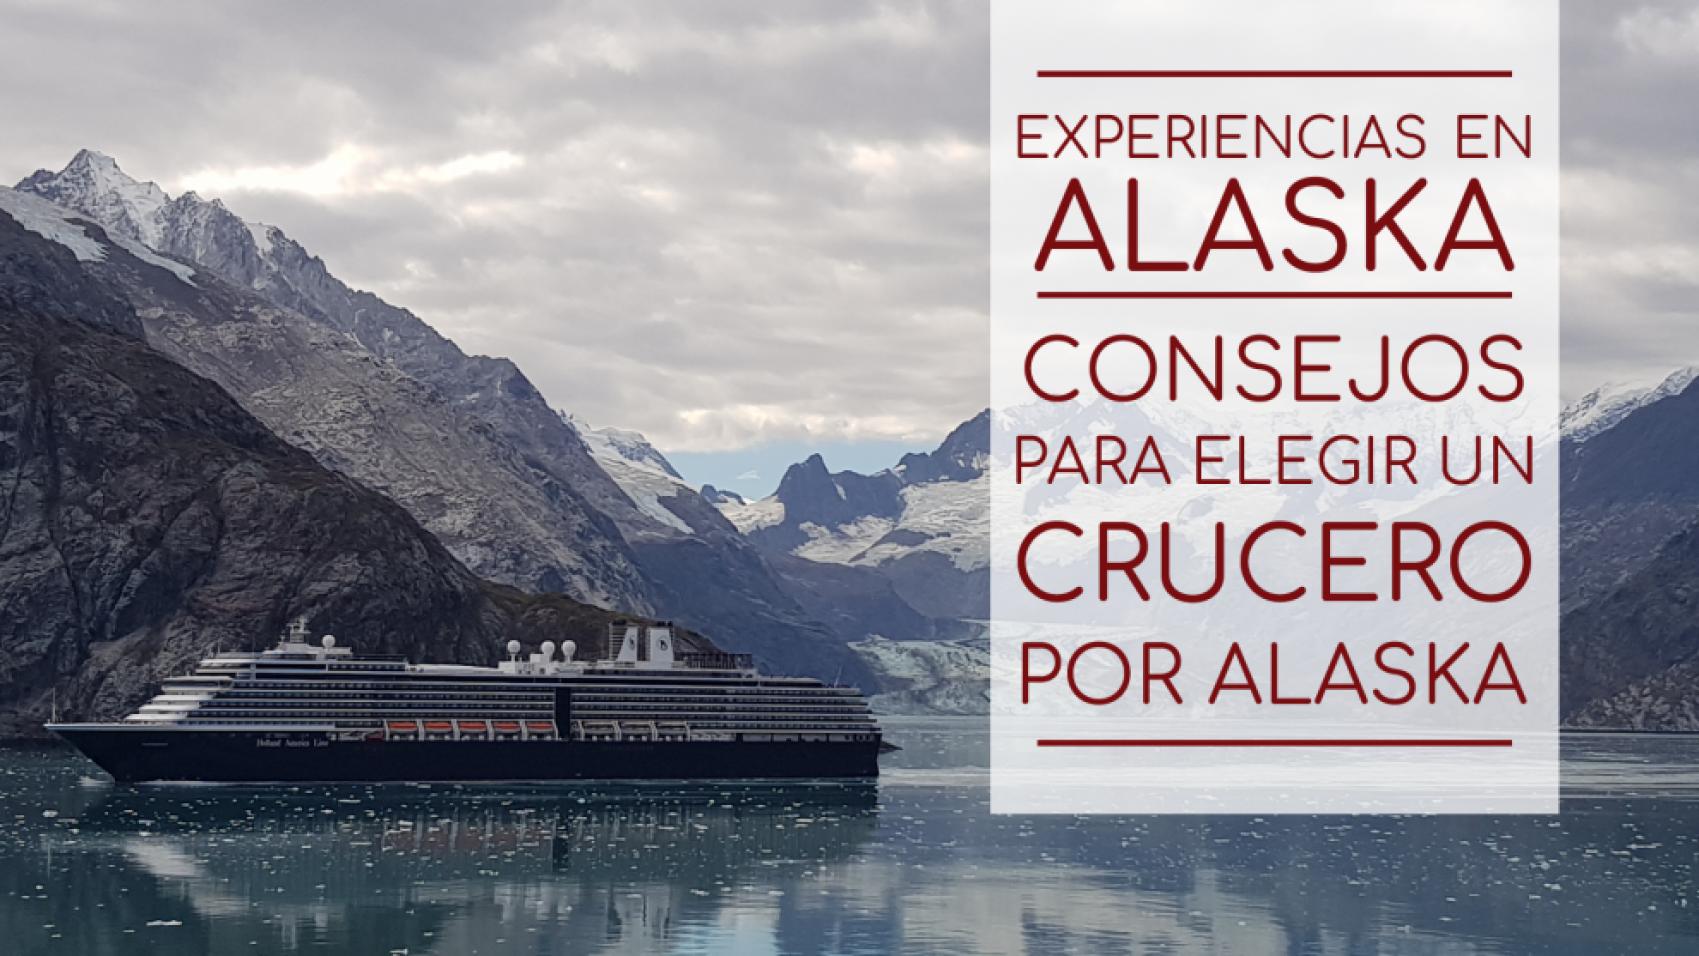 Alaska – Consejos para elegir un crucero por Alaska